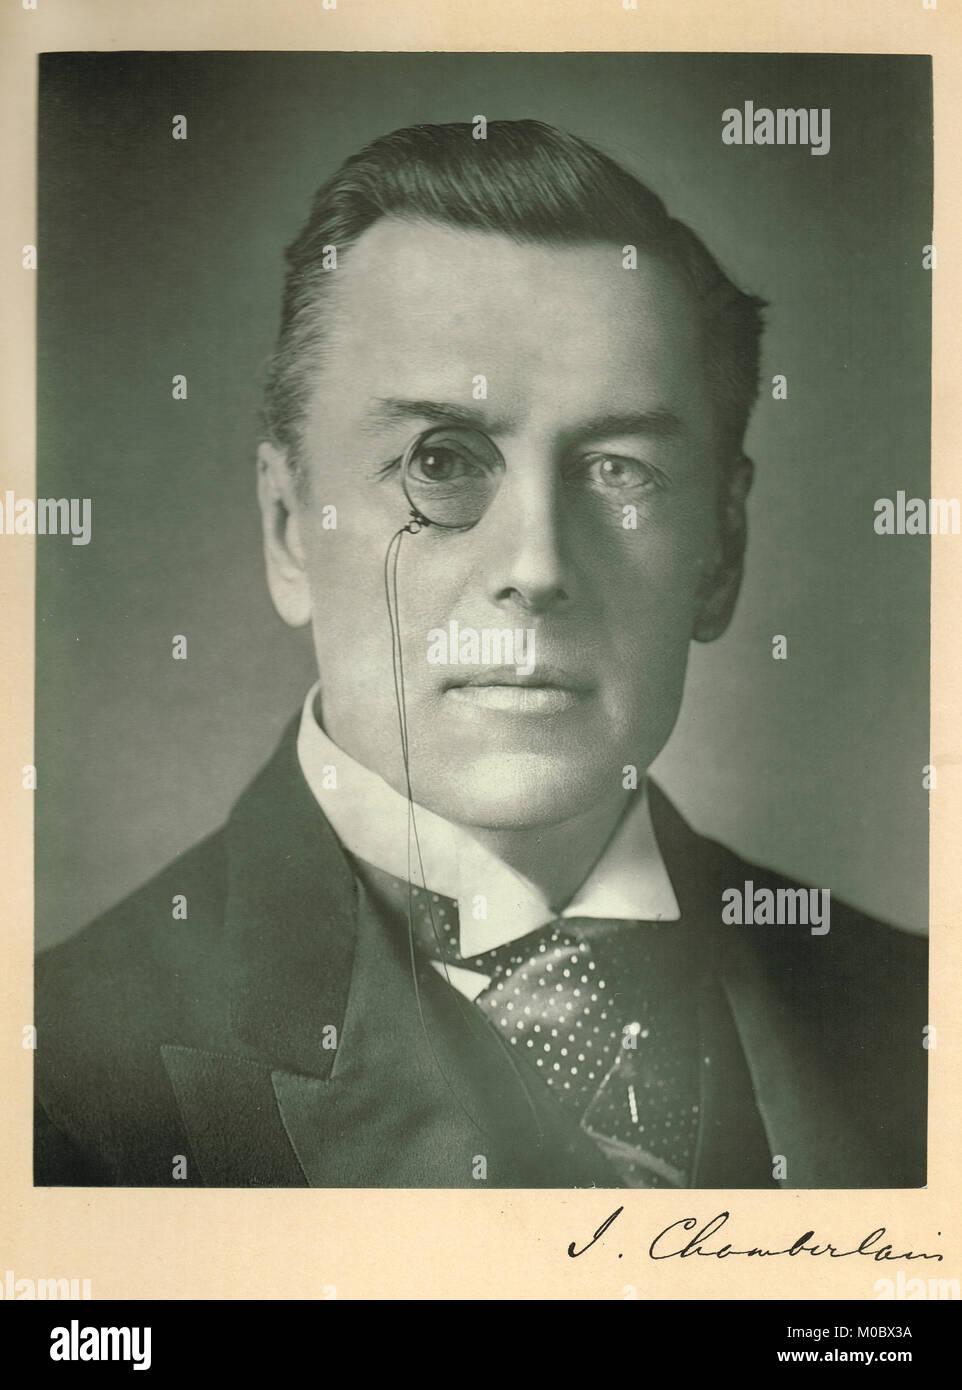 Joseph Chamberlain (1836-1914) - Stock Image